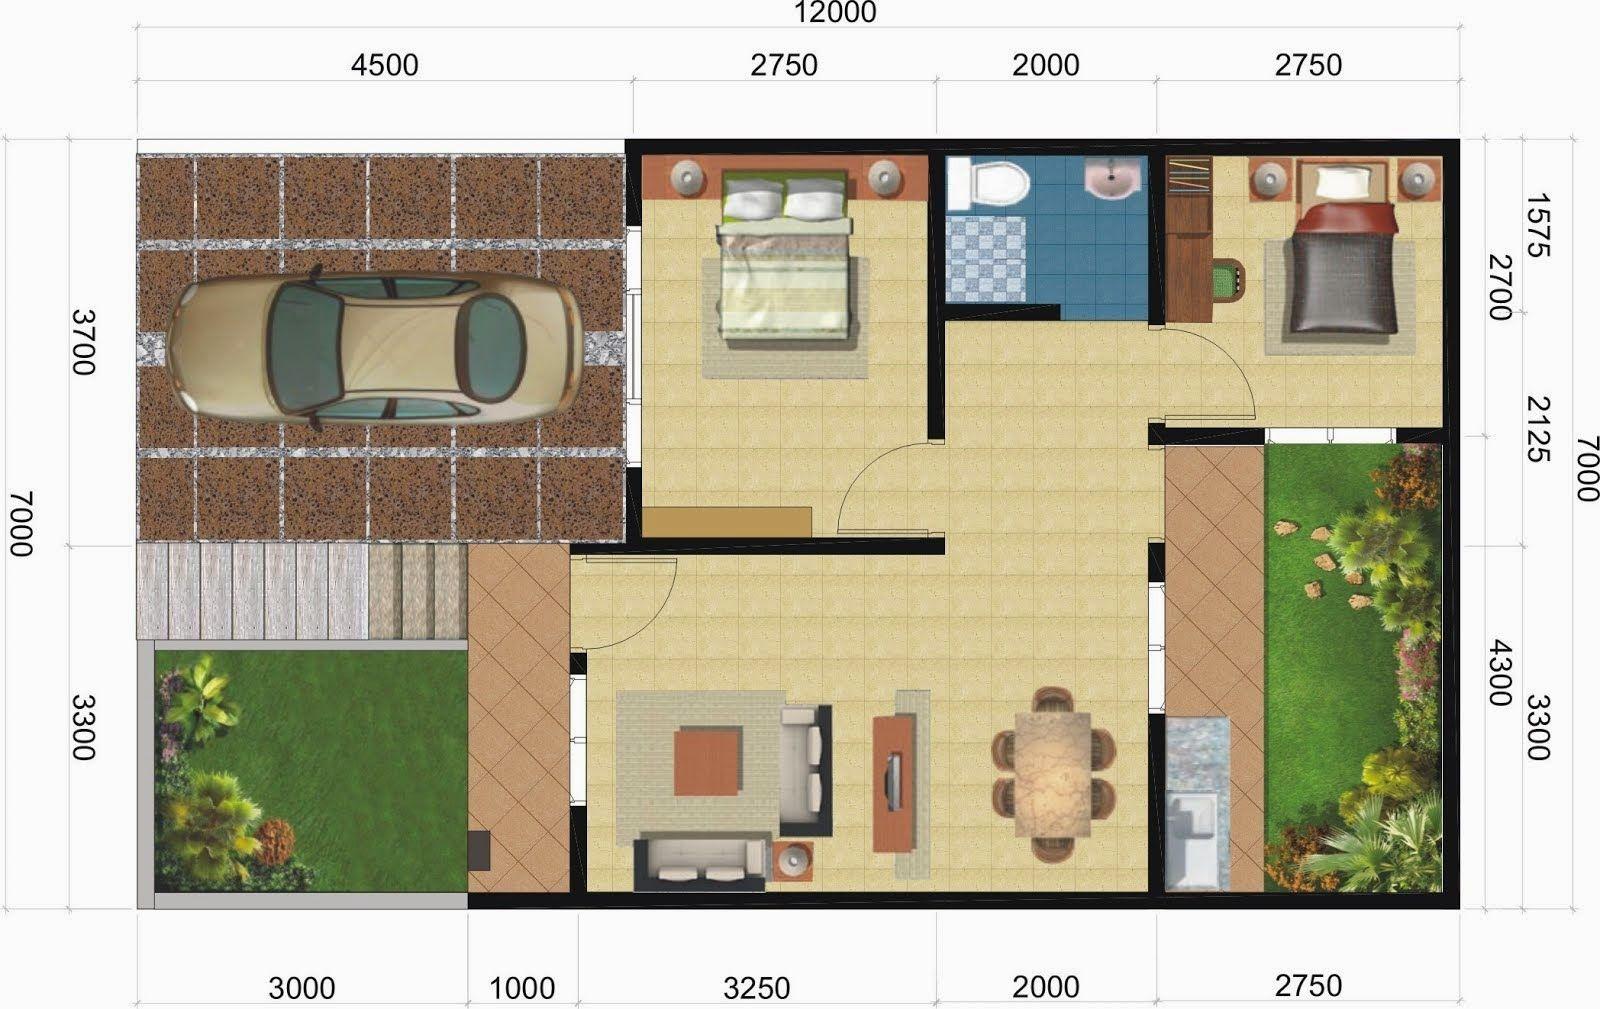 Desain Rumah Minimalis Ukuran 7x9 Terbaru 2018 Cek Bahan Bangunan